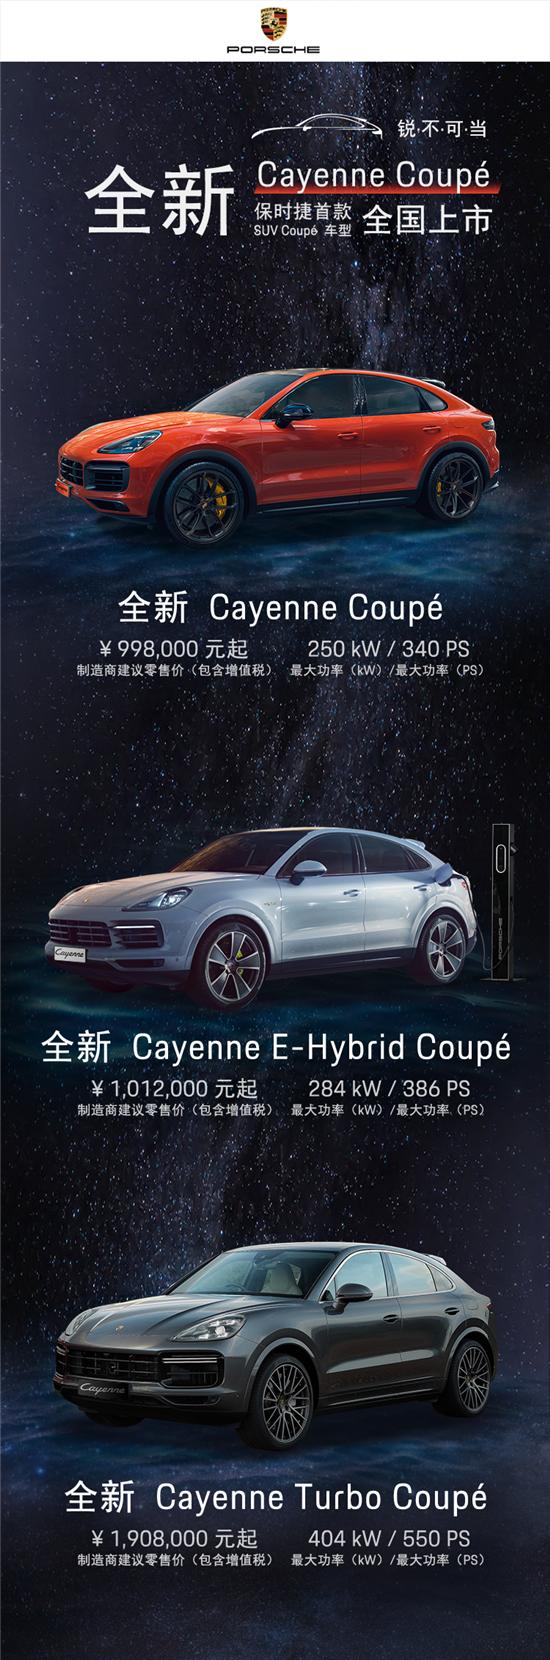 全新保时捷Cayenne Coupé上市 售价99.8万元起